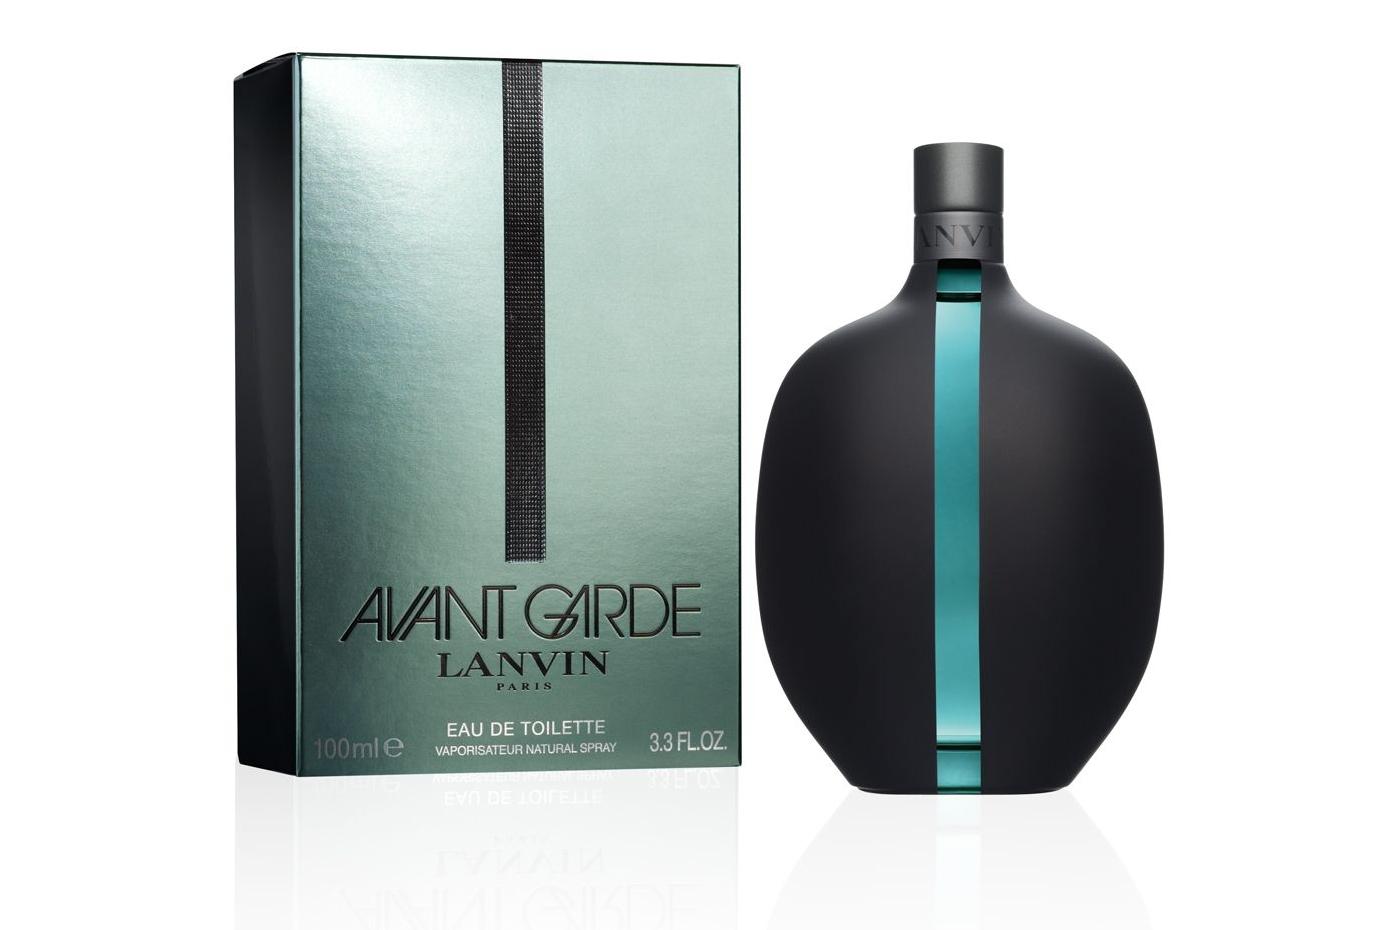 Lanvin Avant Garde- аромат для современных джентльменов, инновационная интерпретация мужественности и элегантности! Изящество мужского стиля, для современных мужчин!